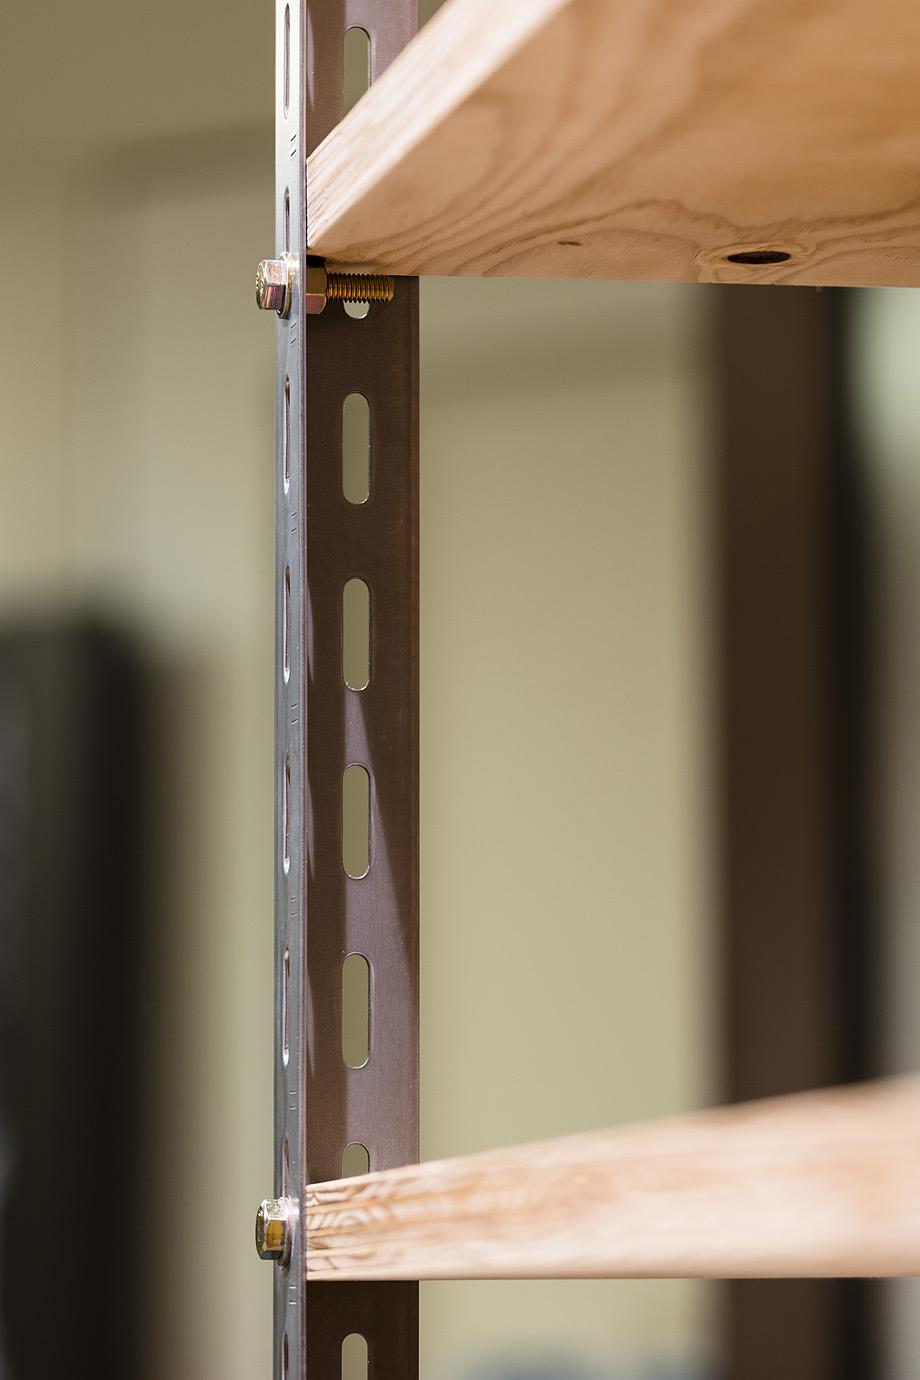 floristeria ranran de shimpei oda - foto norihito yamauchi (9)